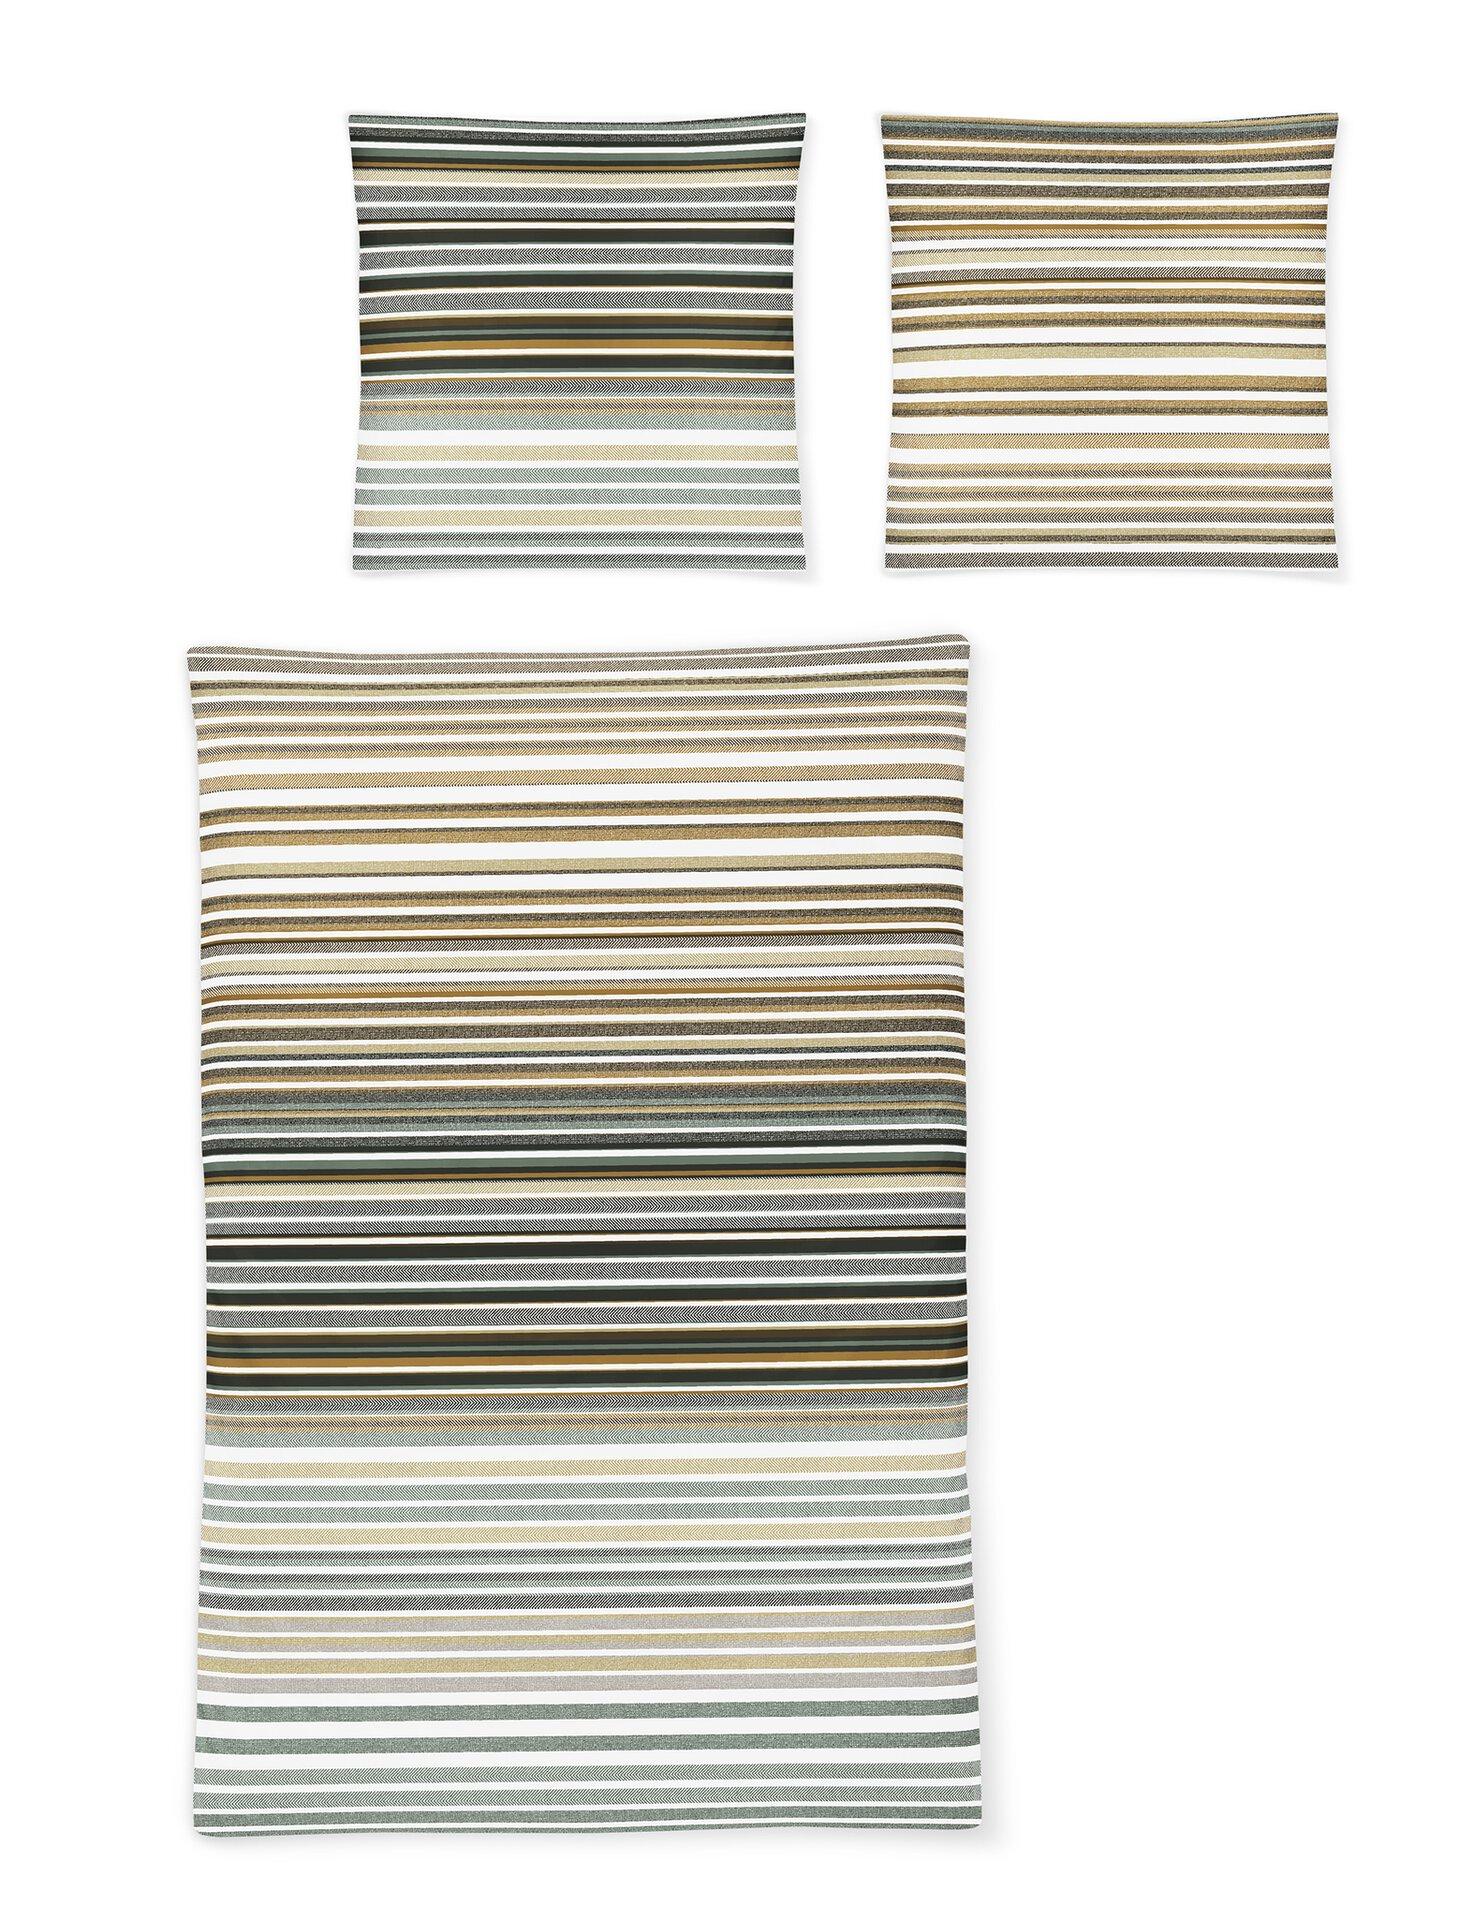 Satin-Bettwäsche Eos Irisette Textil grün 155 x 220 cm